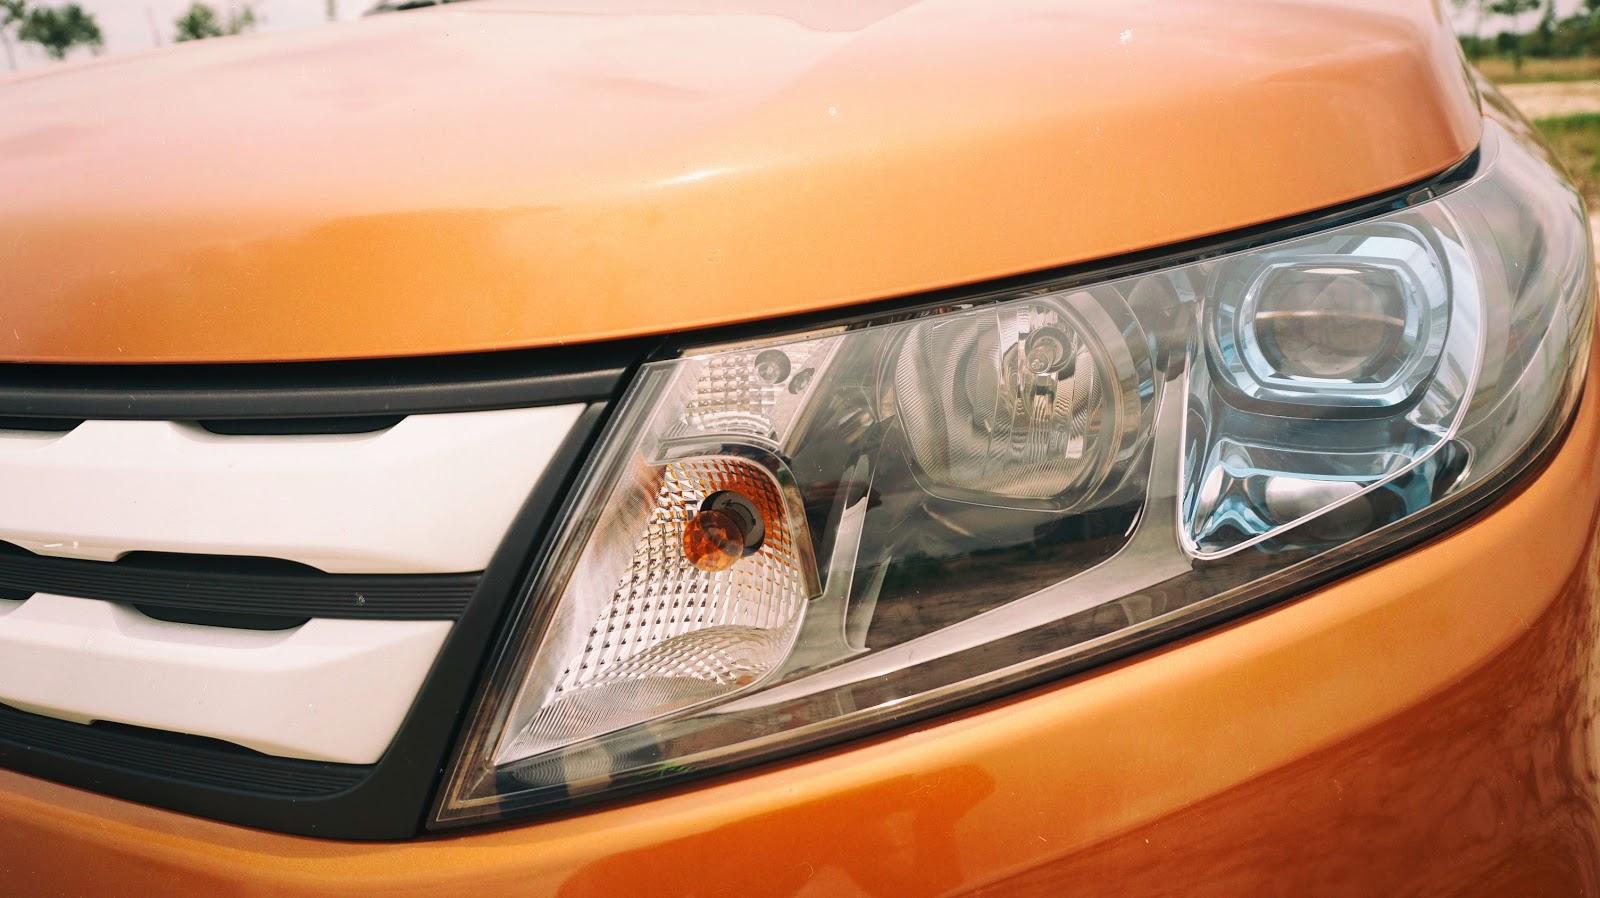 Hệ thống đèn pha siêu sáng, ốp chặt và gắn kết vào thân xe